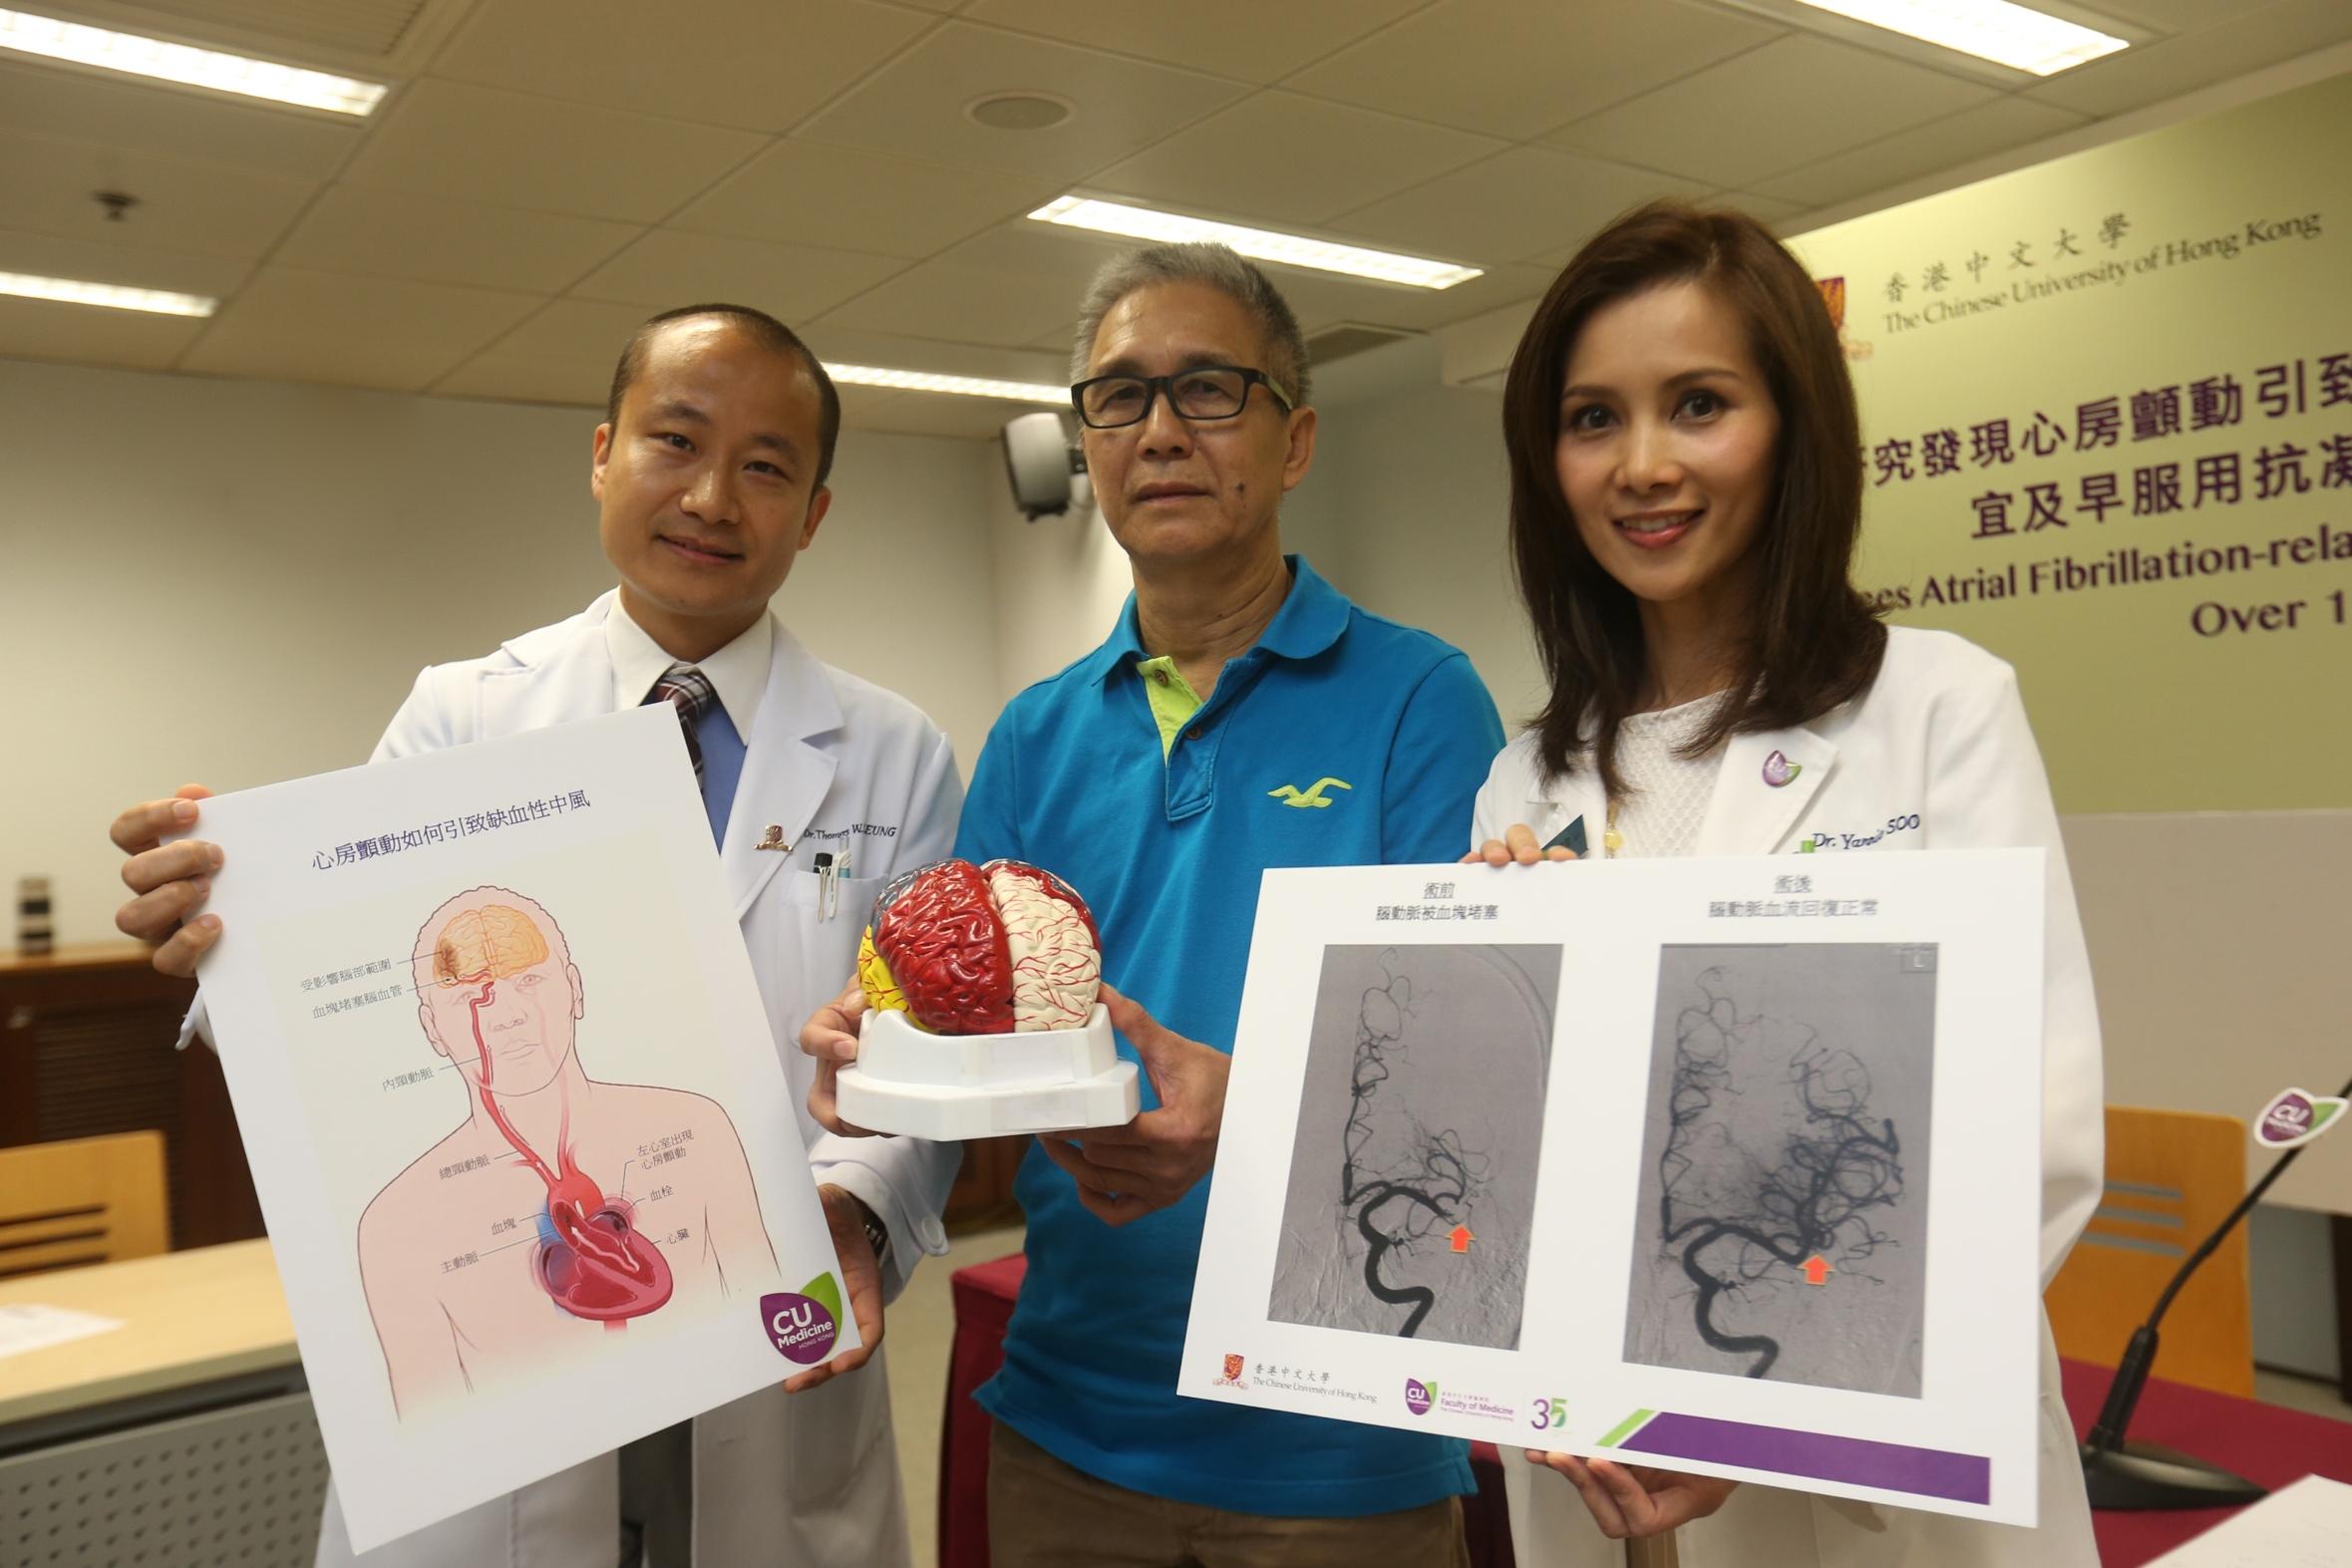 現在Yannie已成為腦神經科專科醫生,更成為中大醫學院內科及藥物治療系腦神經科臨床專業顧問,繼續在醫學範疇上幫助有需要的人。